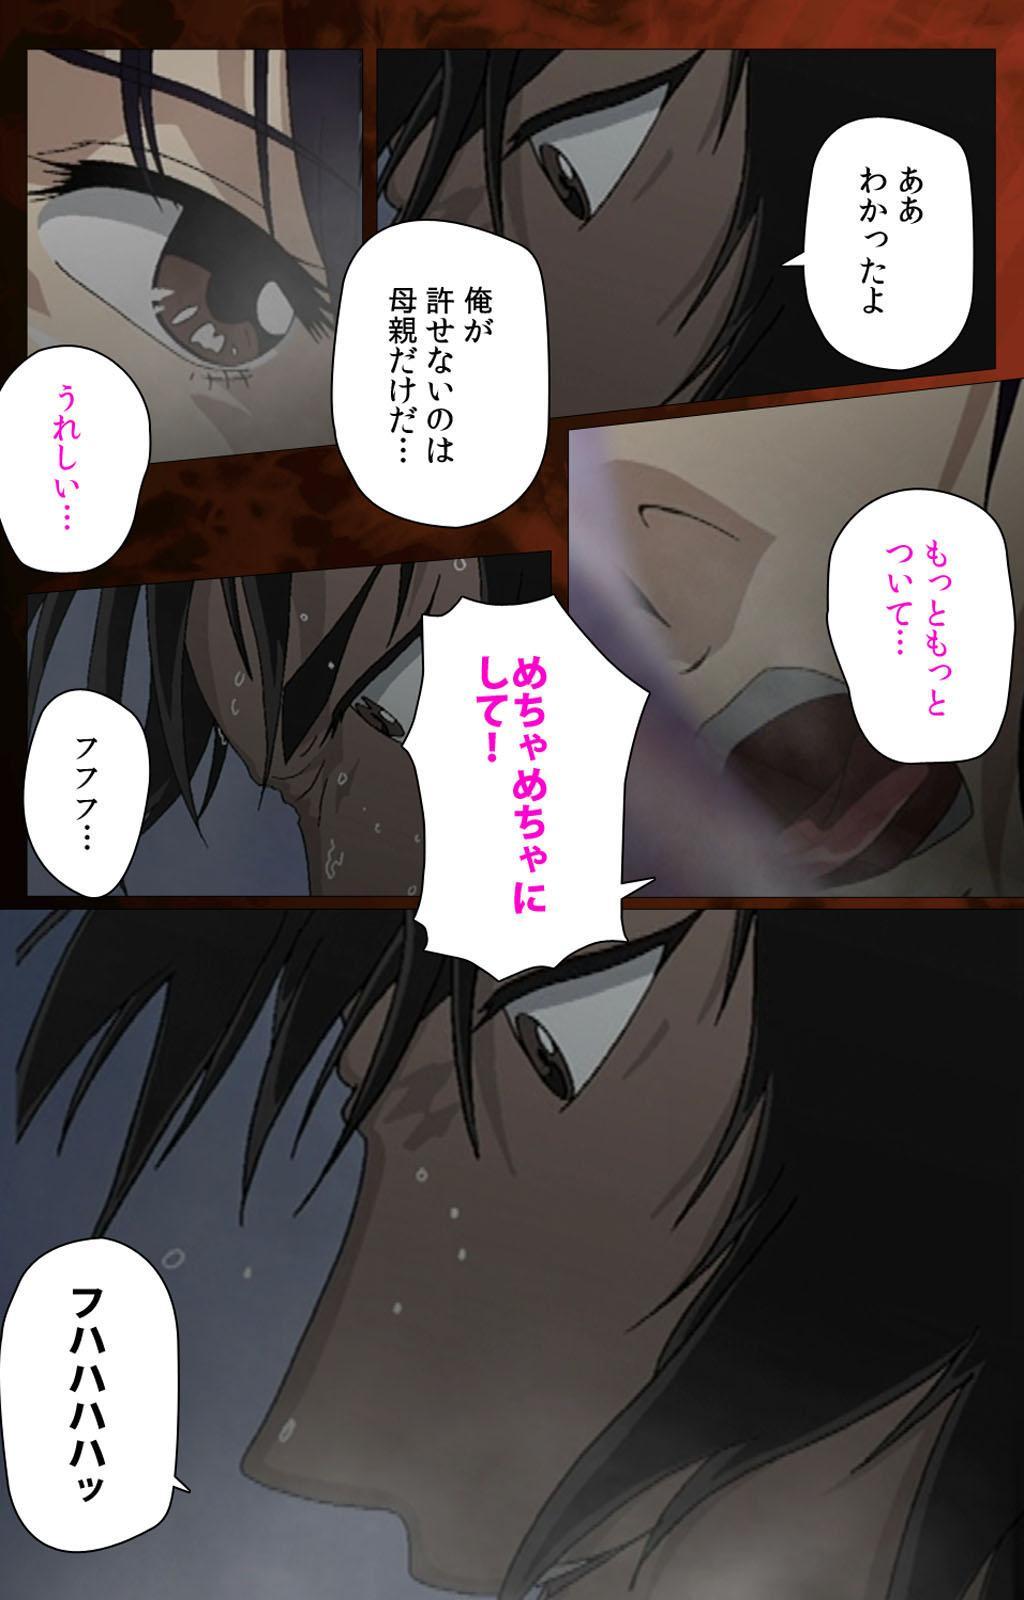 Gibo kanzenhan 149